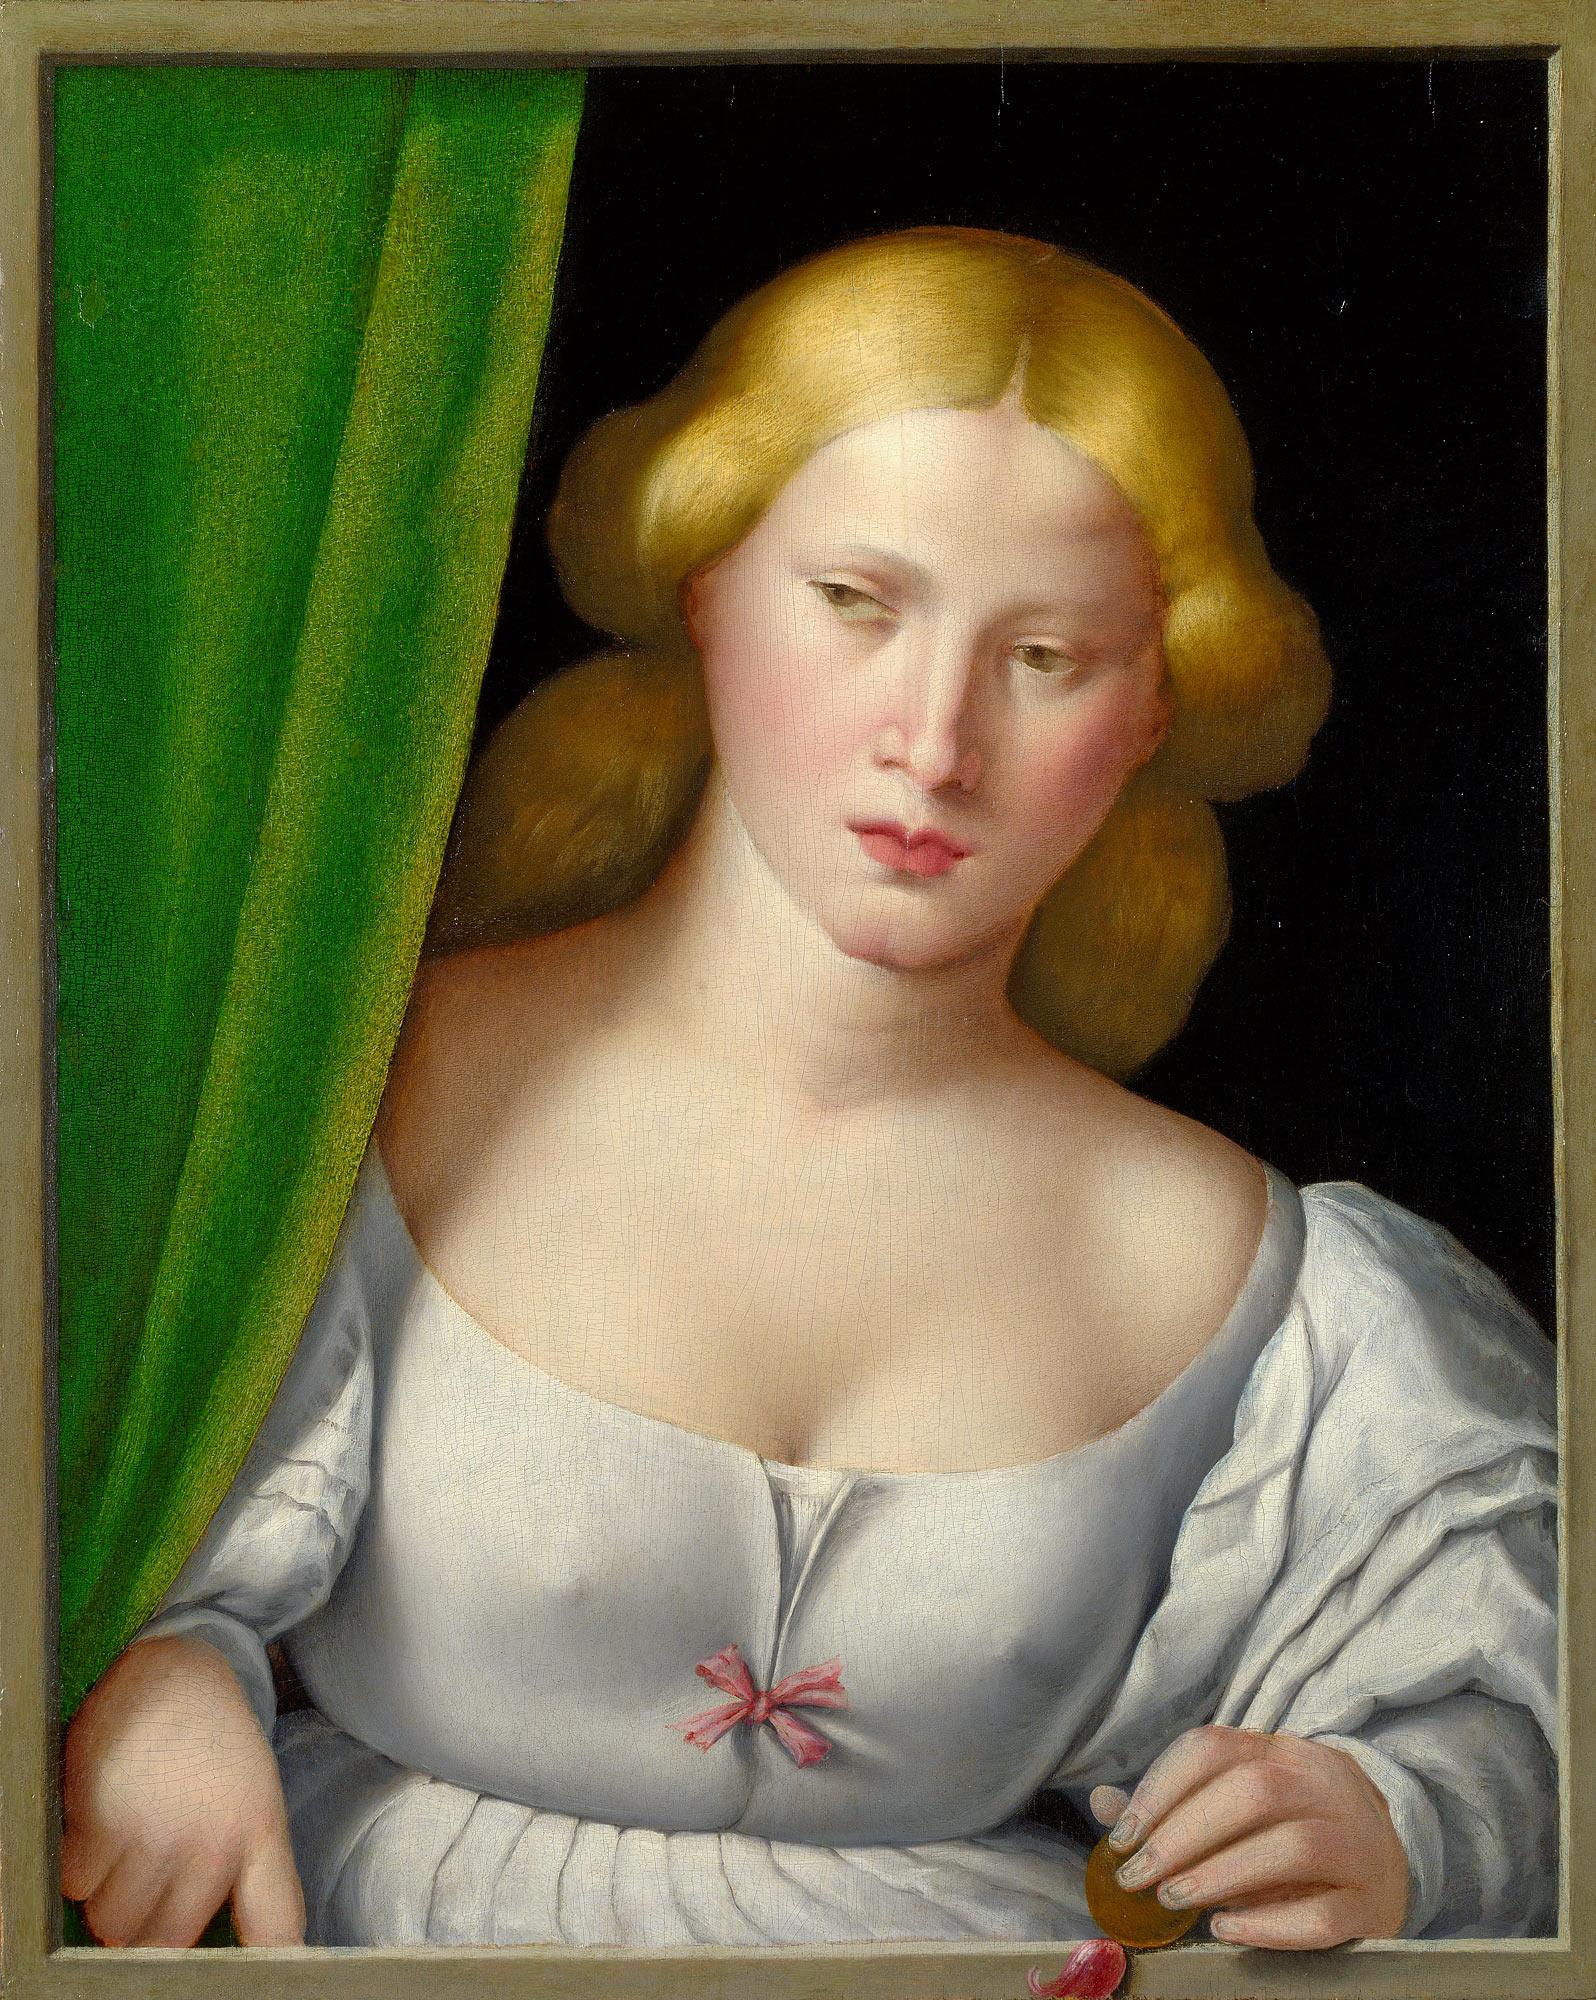 blonde-fenetre-tableau-02-670x840.jpg